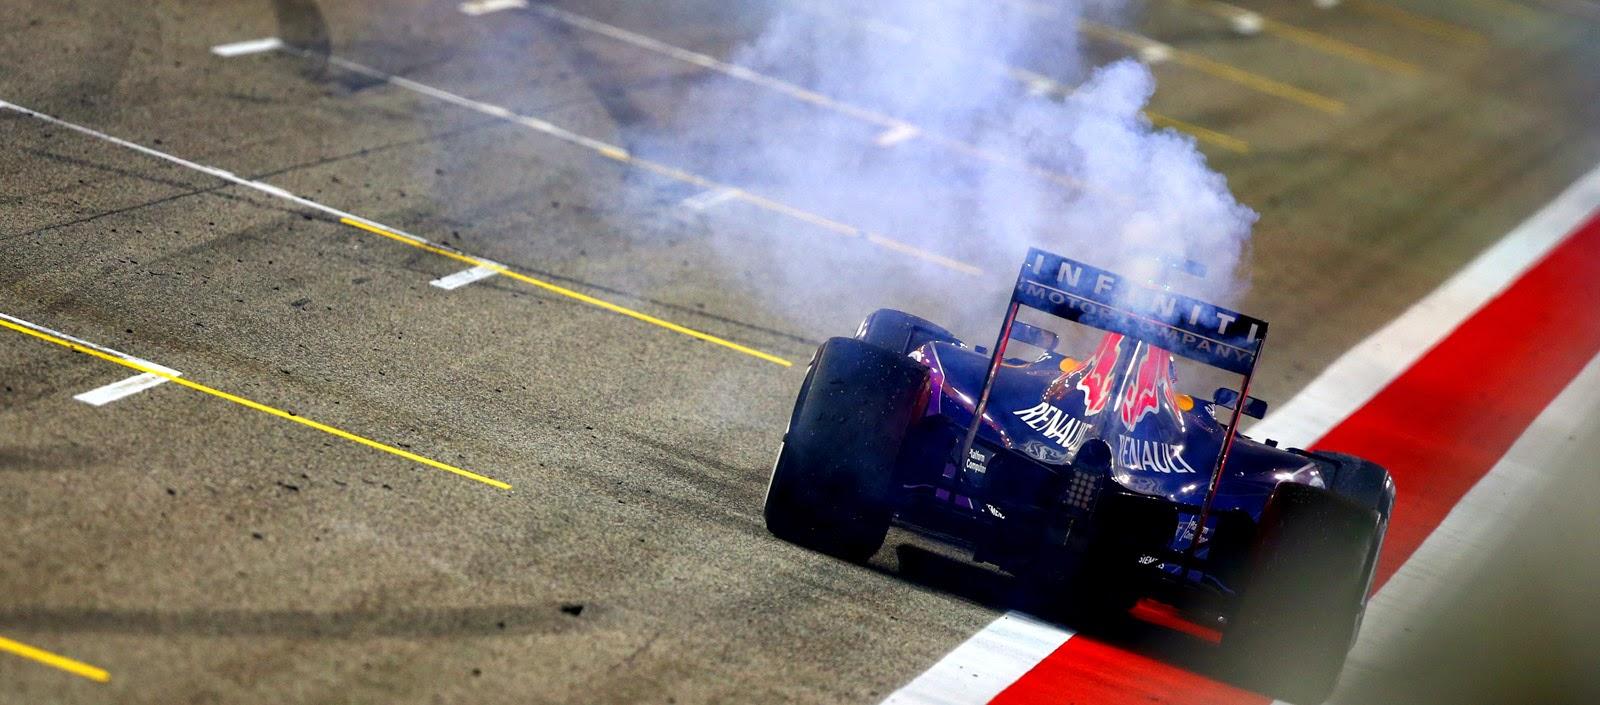 Rotura de motor en el Red Bull de Daniel Ricciardo al final de la carrera de Baréin